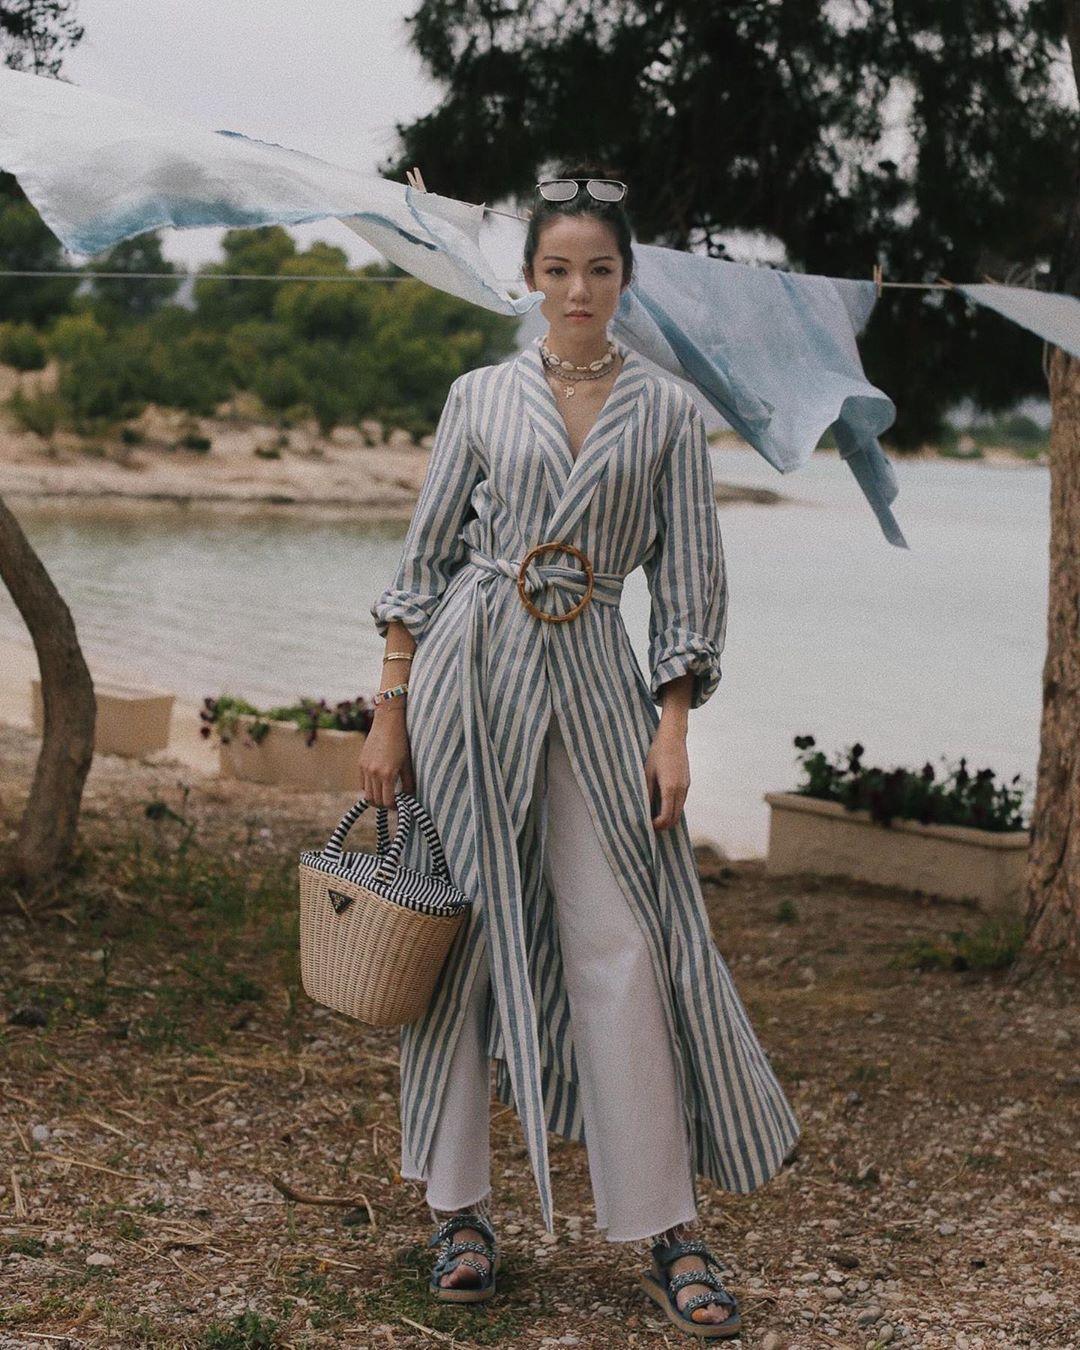 hời trang cung hoàng đạo Ma Kết tháng 5 - đầm sơ mi sọc và quần suông trắng